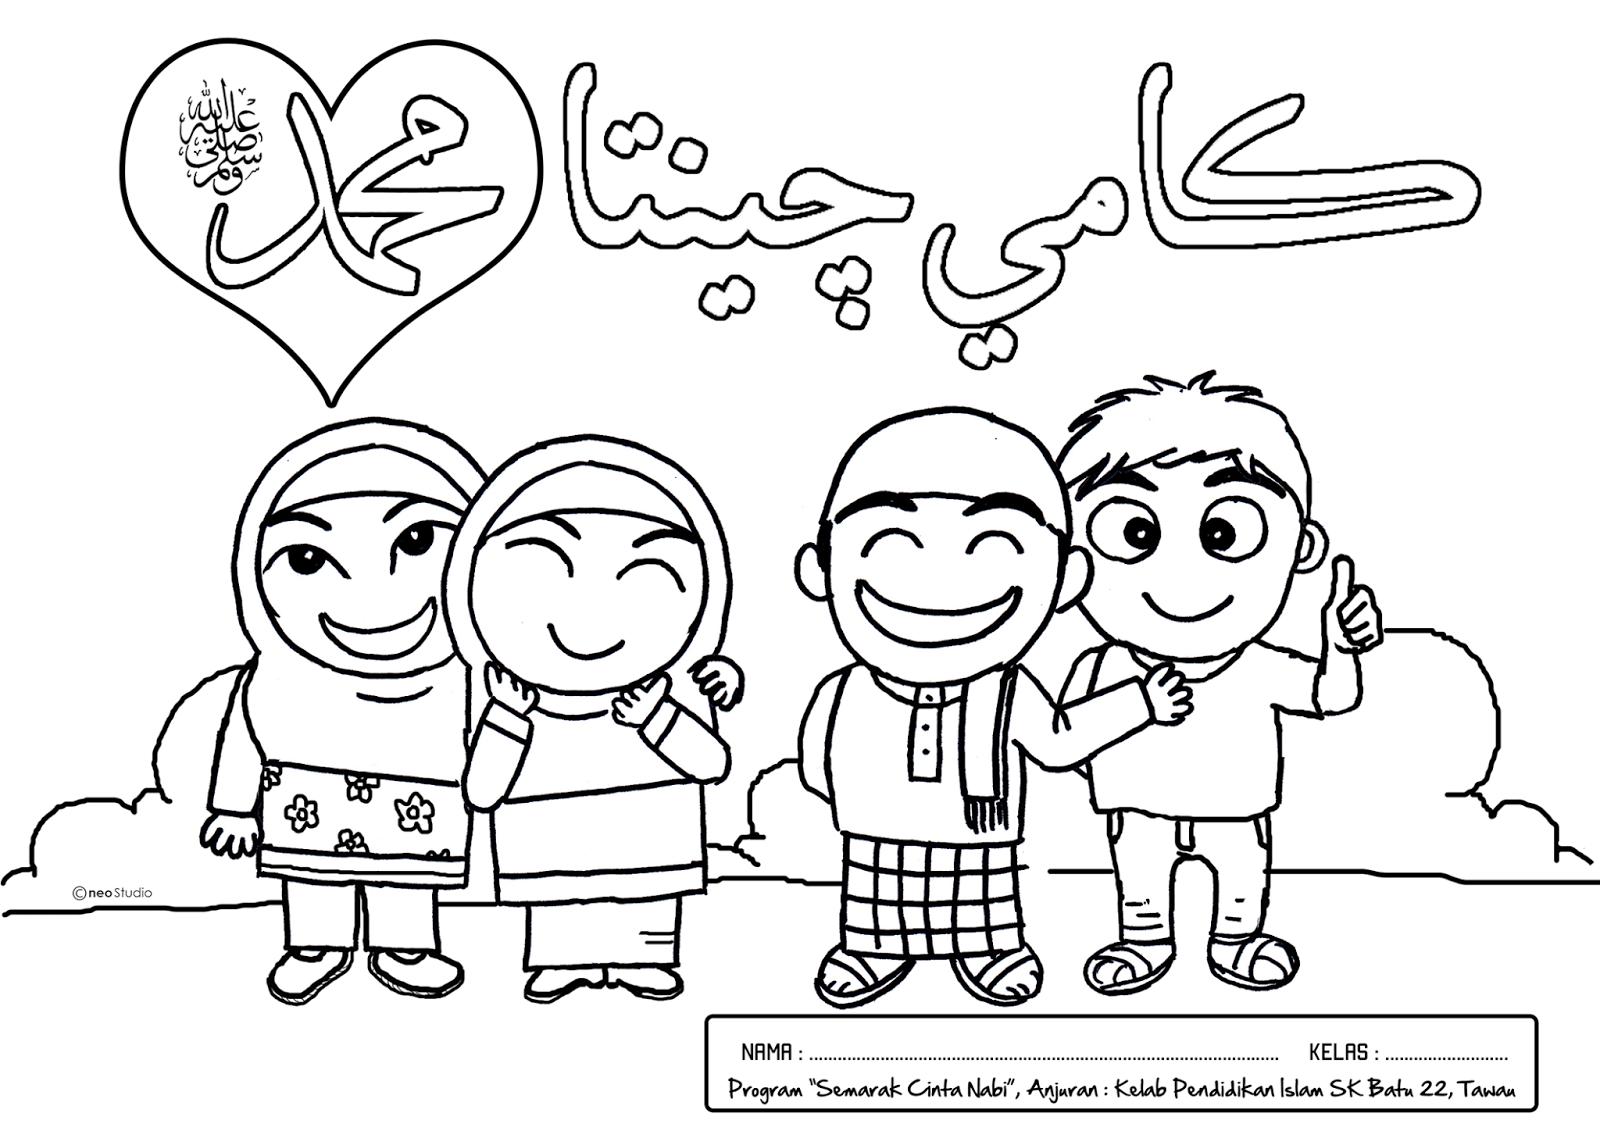 GAMBAR DAN MEWARNAI ISLAMI Dan Gambar Mewarnai Tema Islam